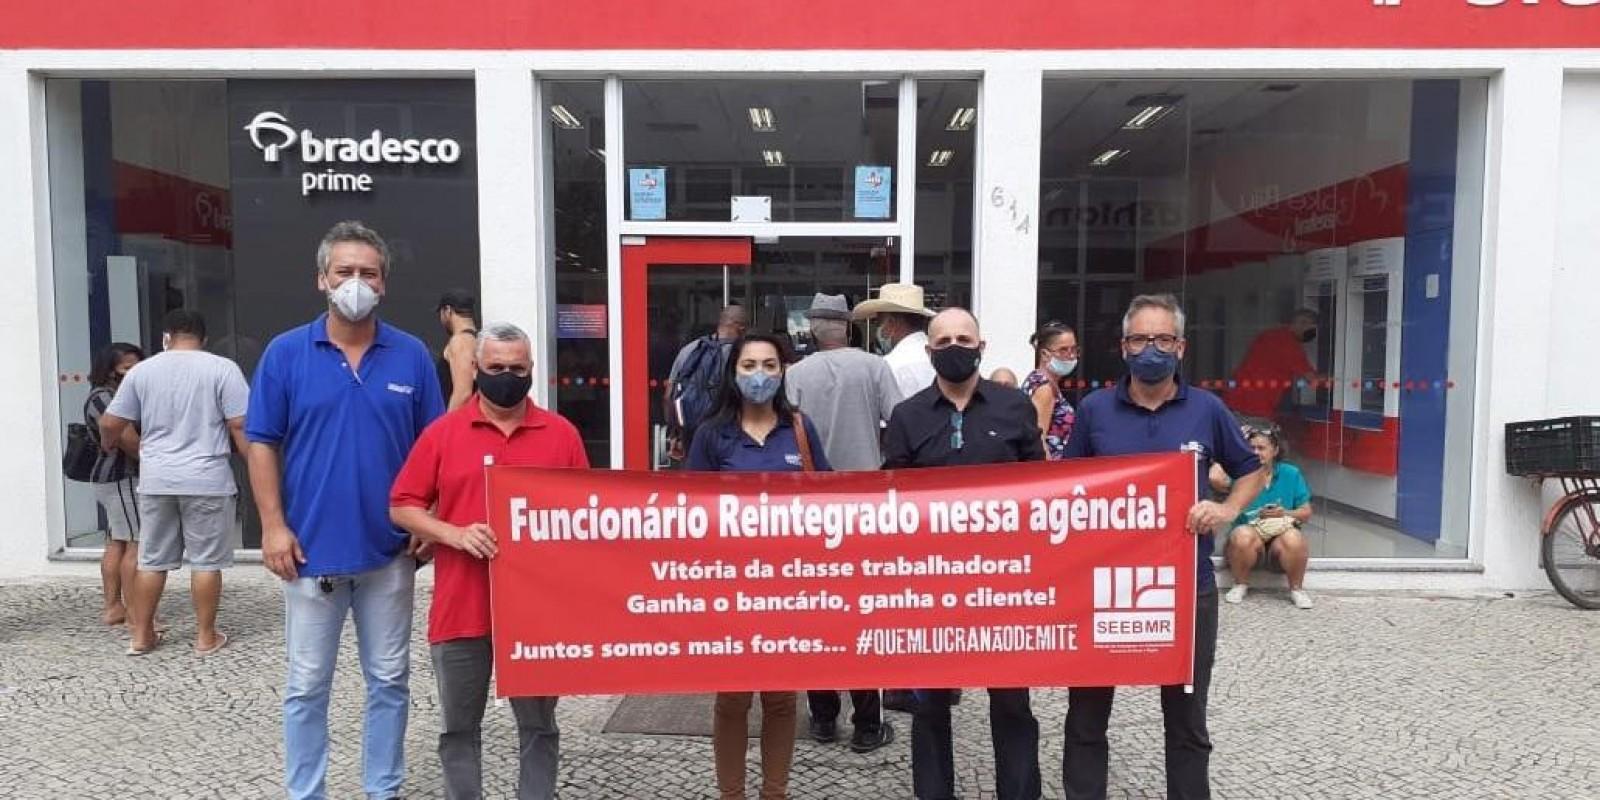 Funcionário do Bradesco reintegrado nesta sexta 13/11